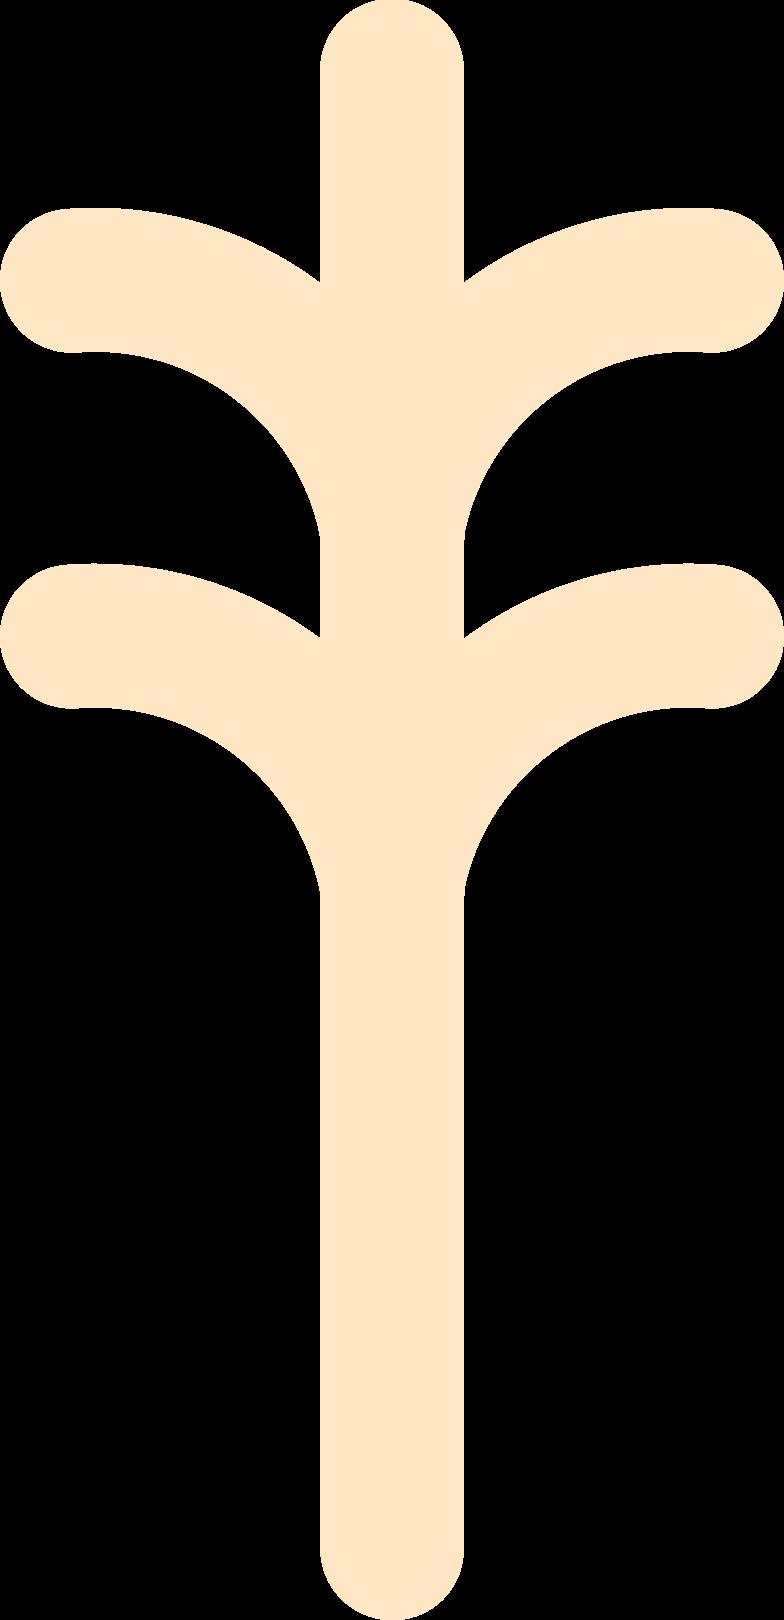 tree orange Clipart illustration in PNG, SVG